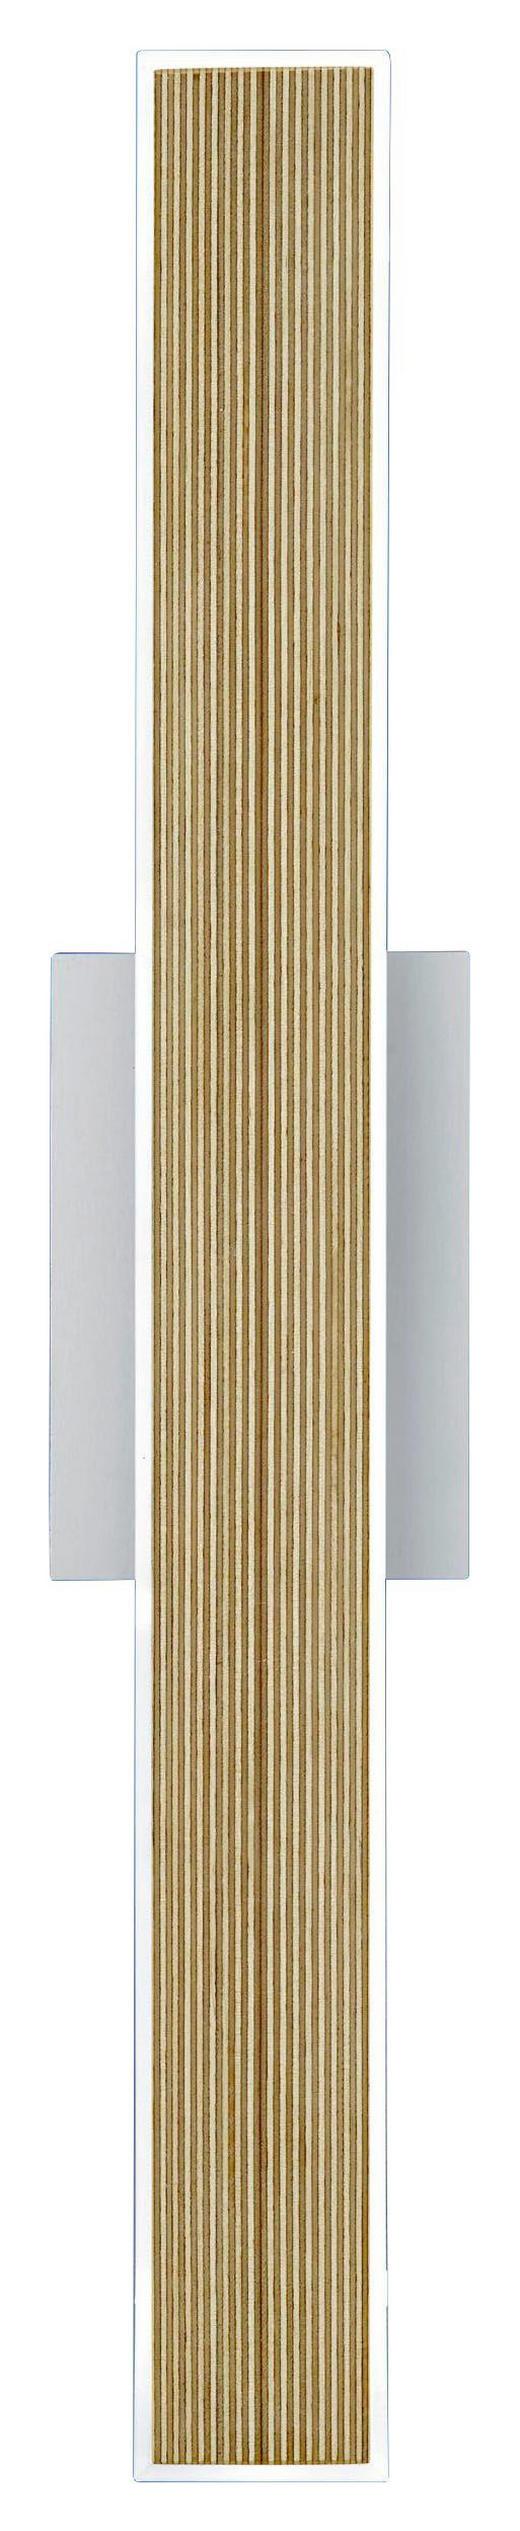 LED-WANDLEUCHTE - Weiß, Design, Kunststoff (6/57cm)